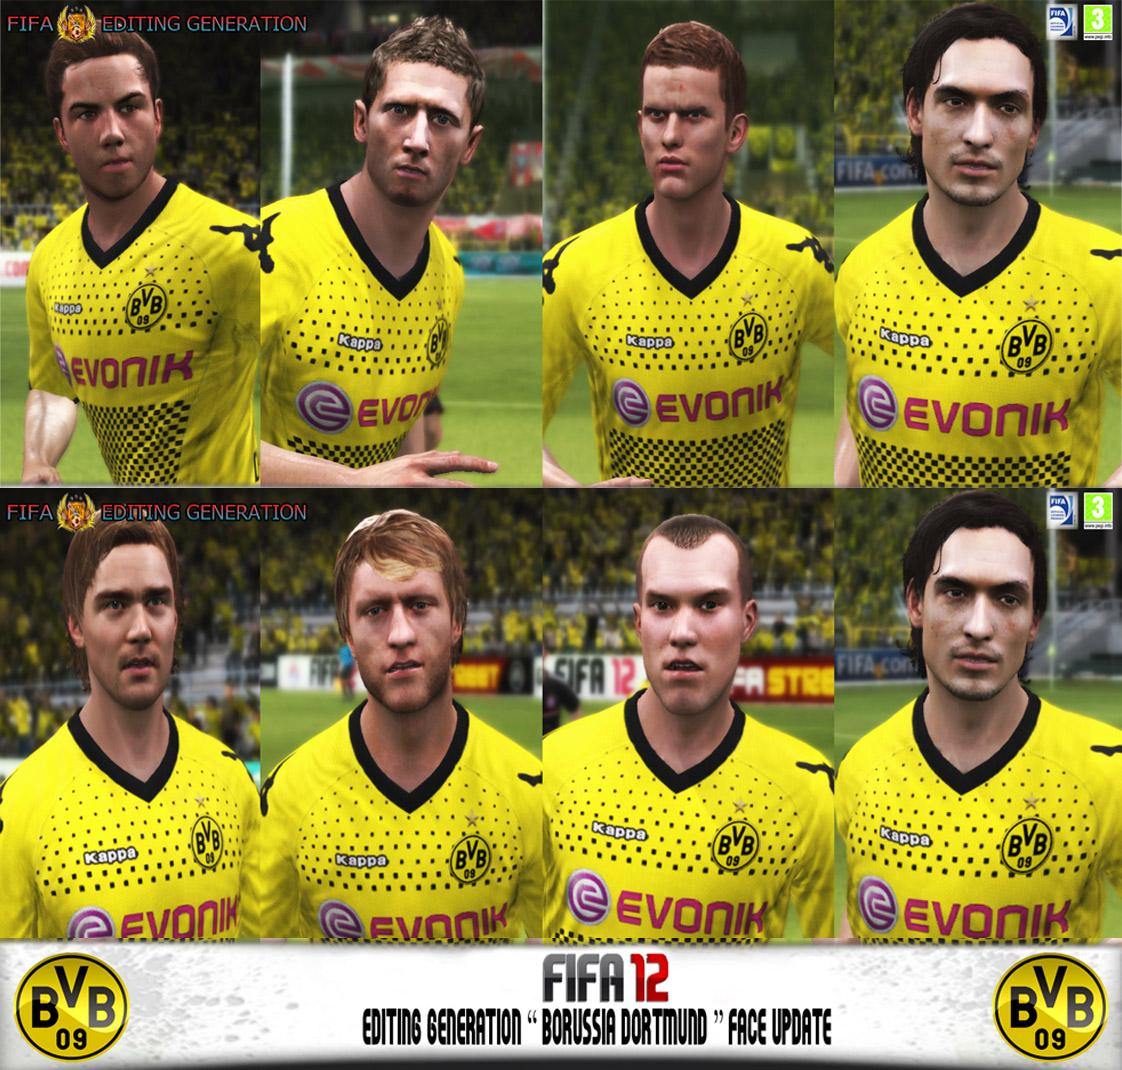 david beckham team in pes 2011 update - FREE ONLINE